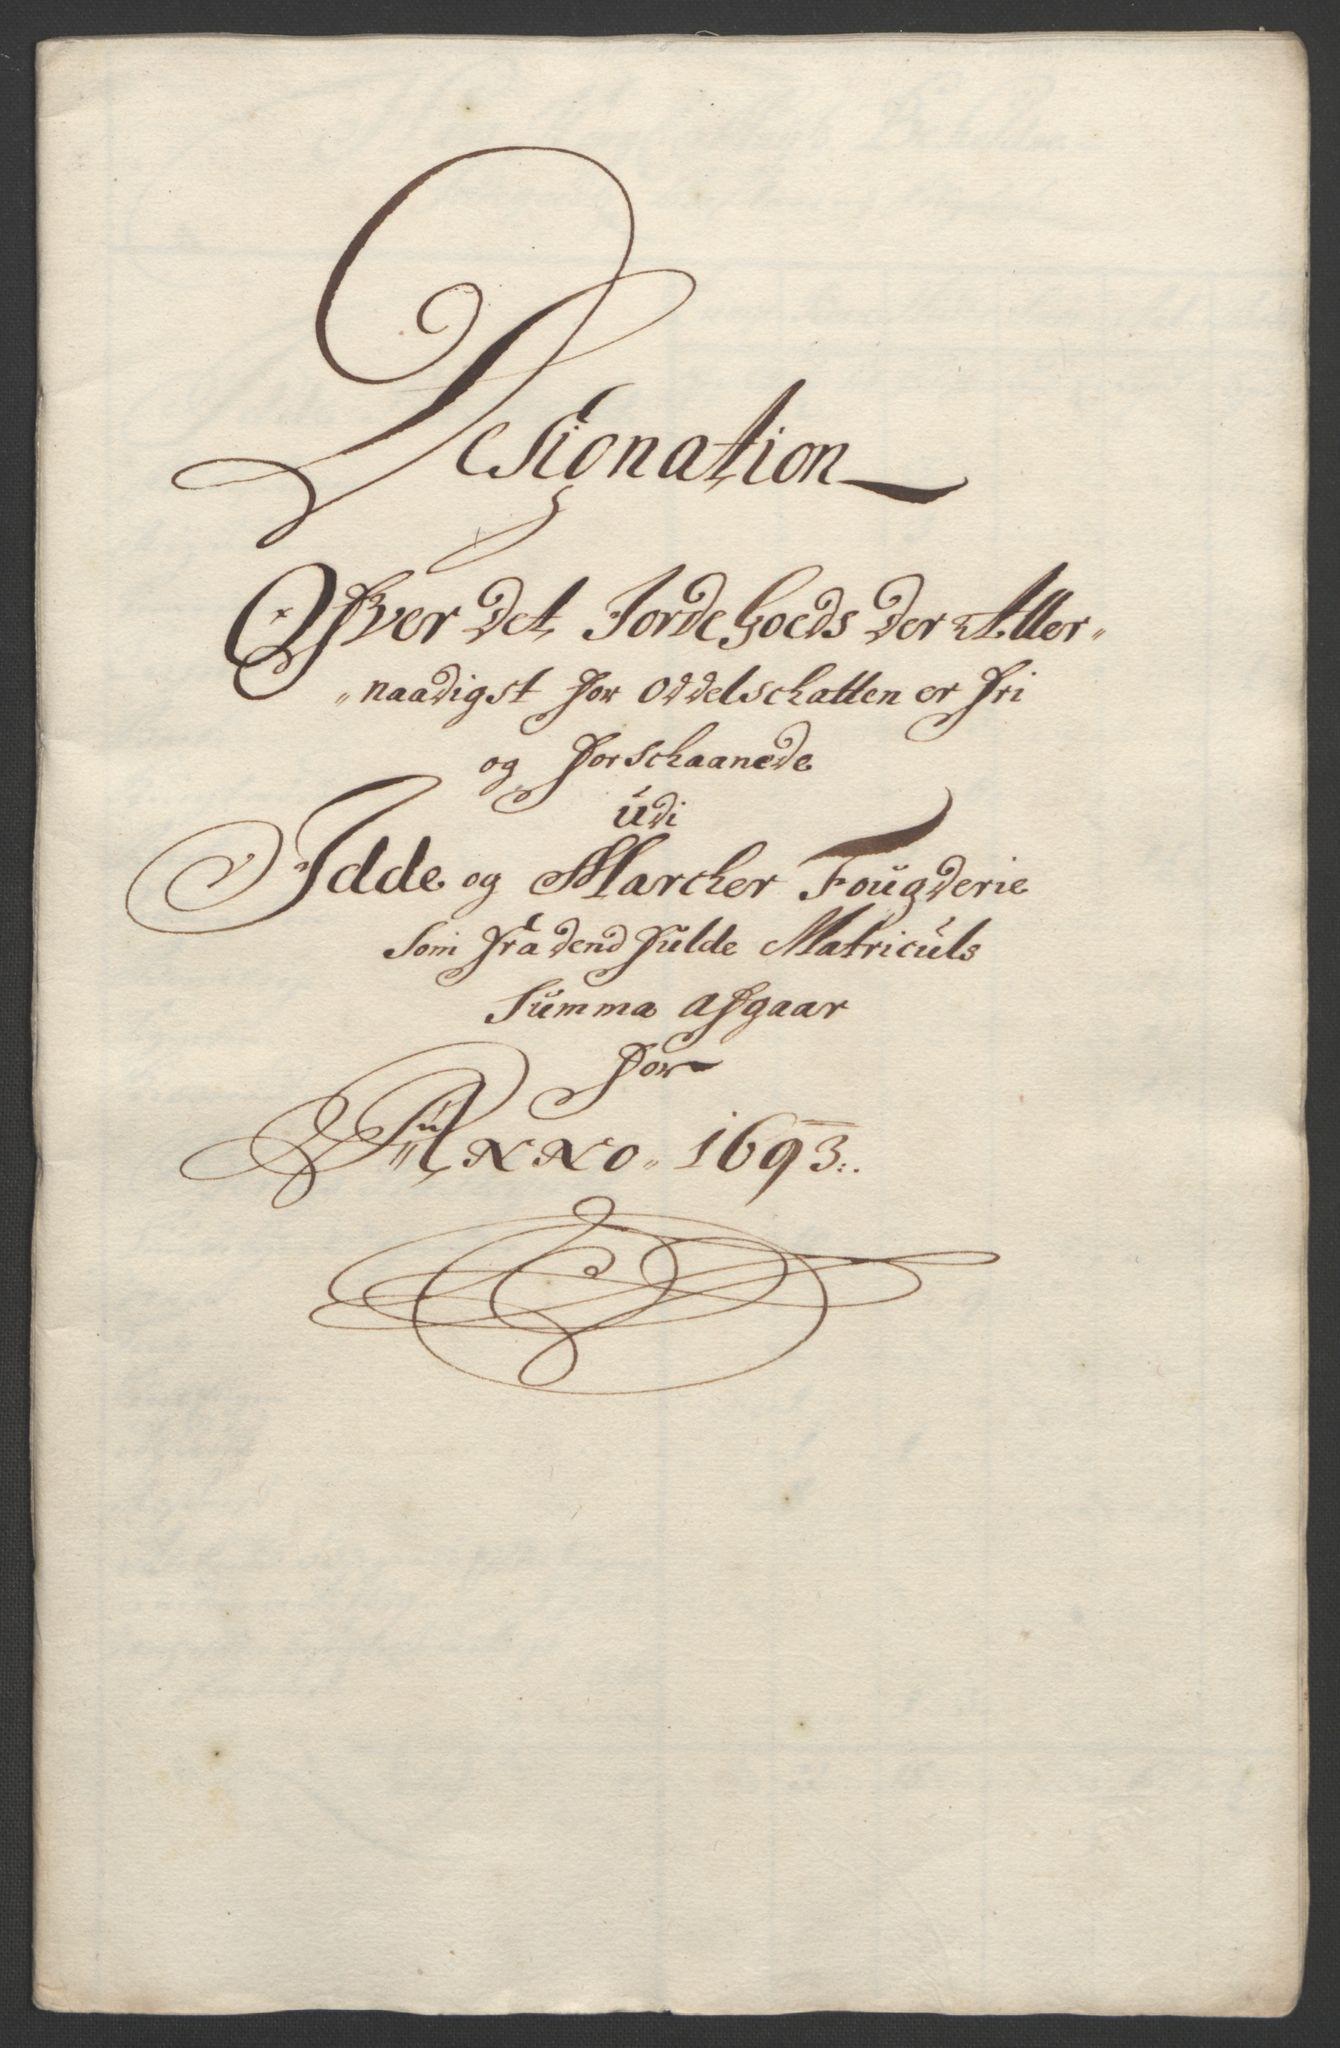 RA, Rentekammeret inntil 1814, Reviderte regnskaper, Fogderegnskap, R01/L0011: Fogderegnskap Idd og Marker, 1692-1693, s. 321